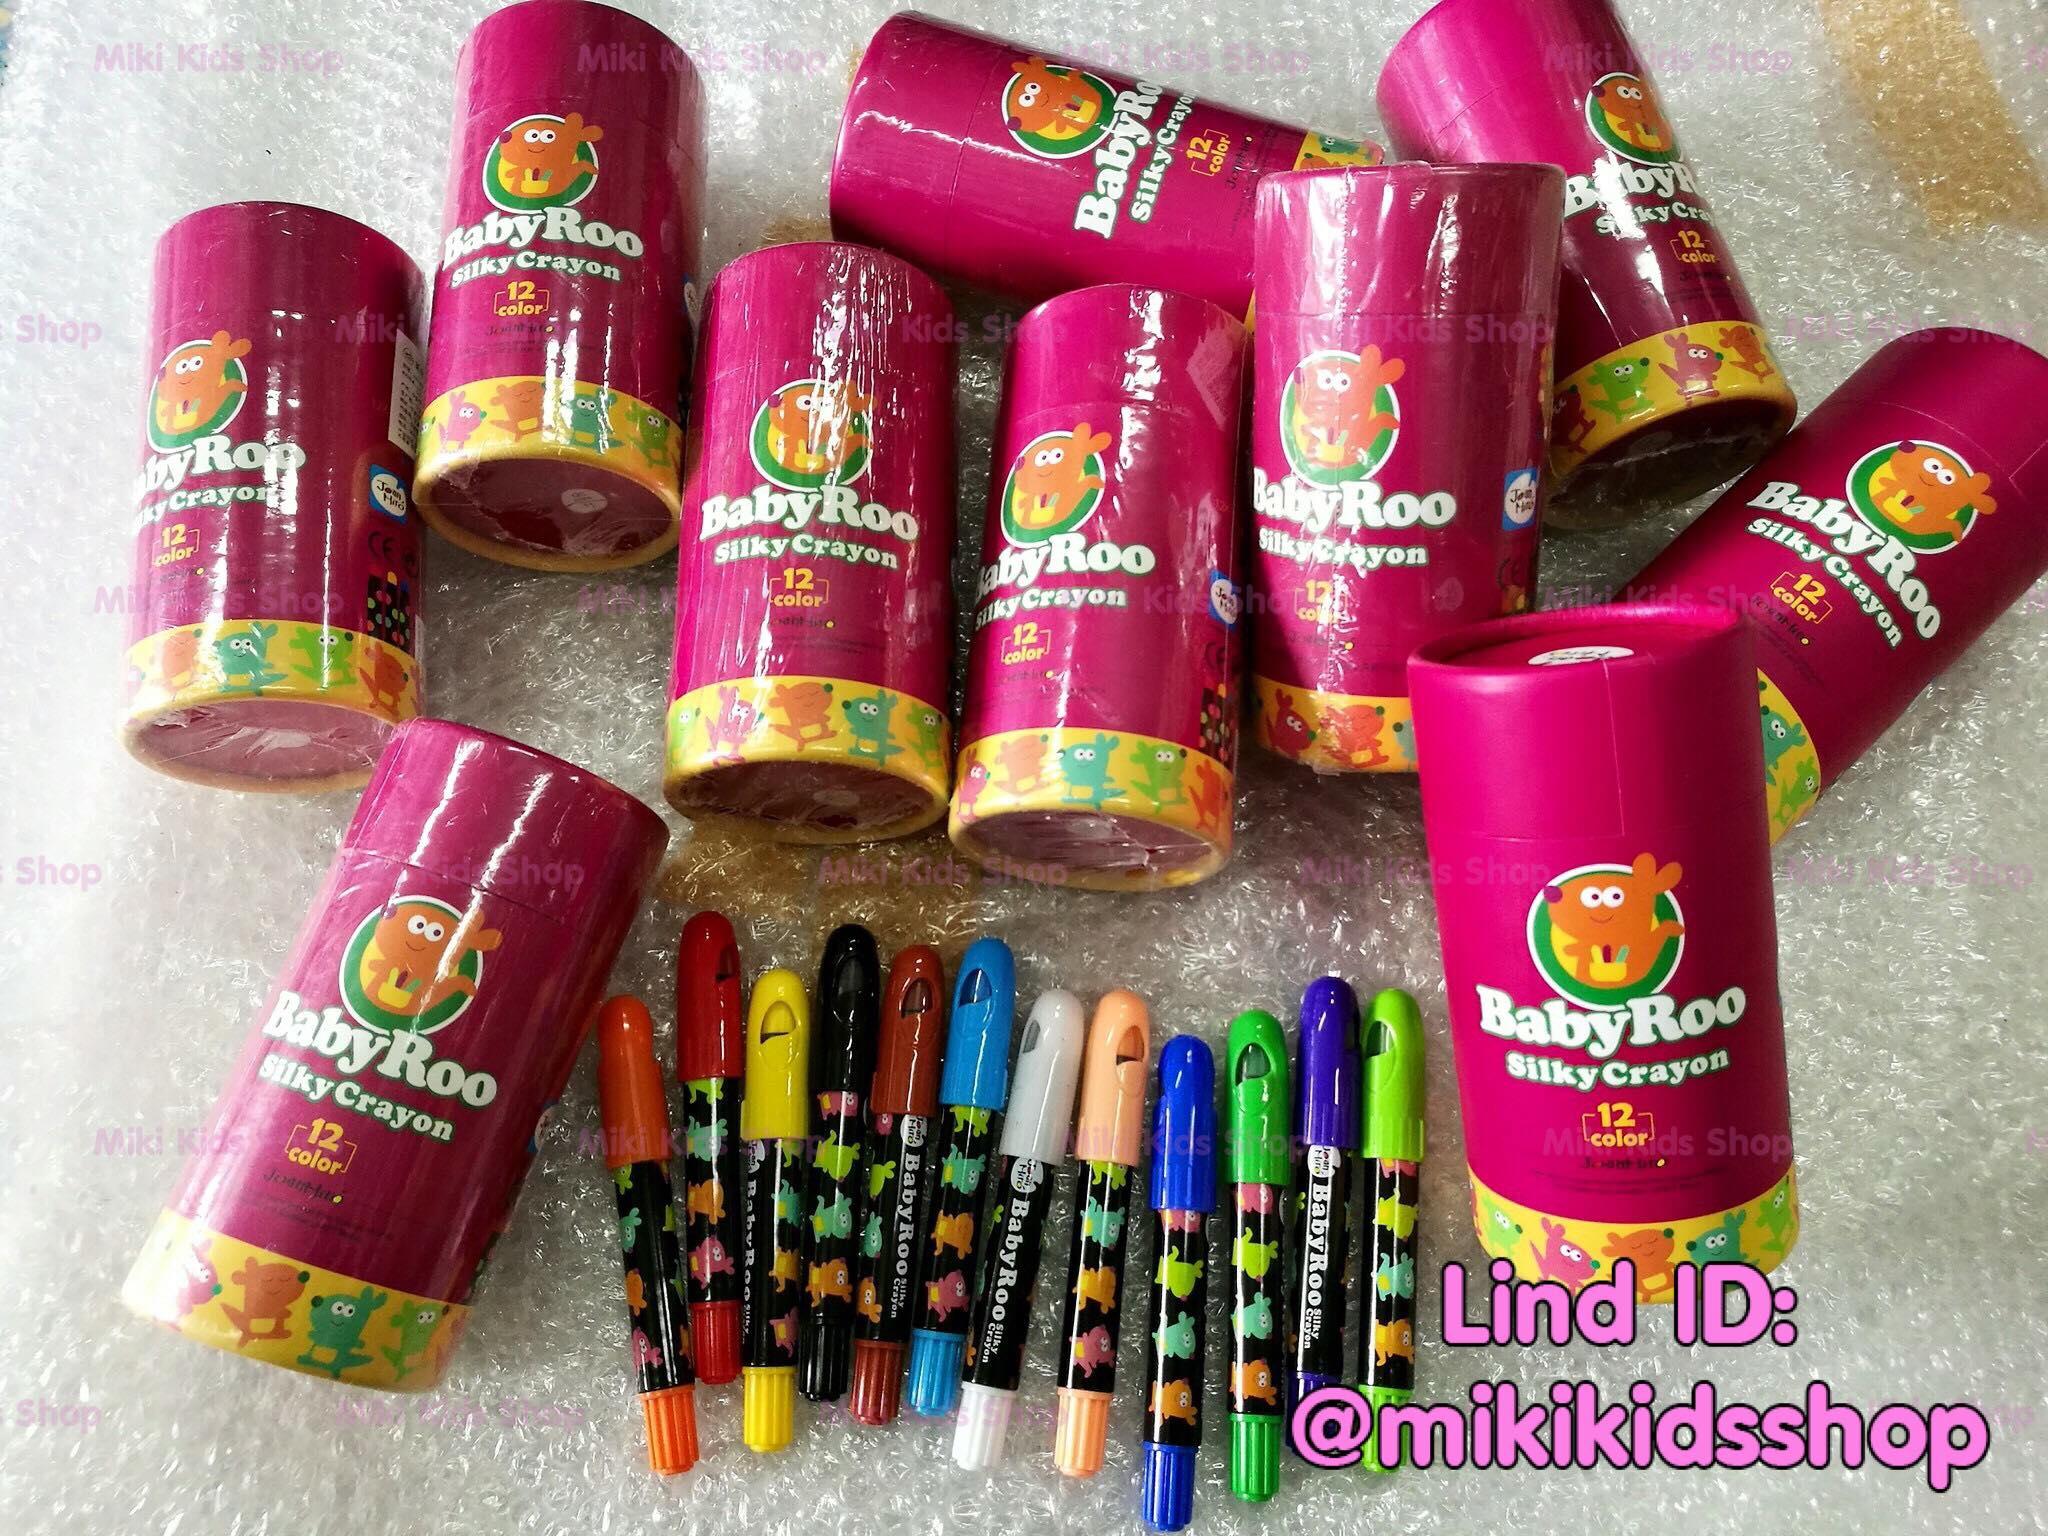 สีเทียน BabyRoo 12 สี (JOAN MIRO BabyRoo Silky Crayon 12 colors)